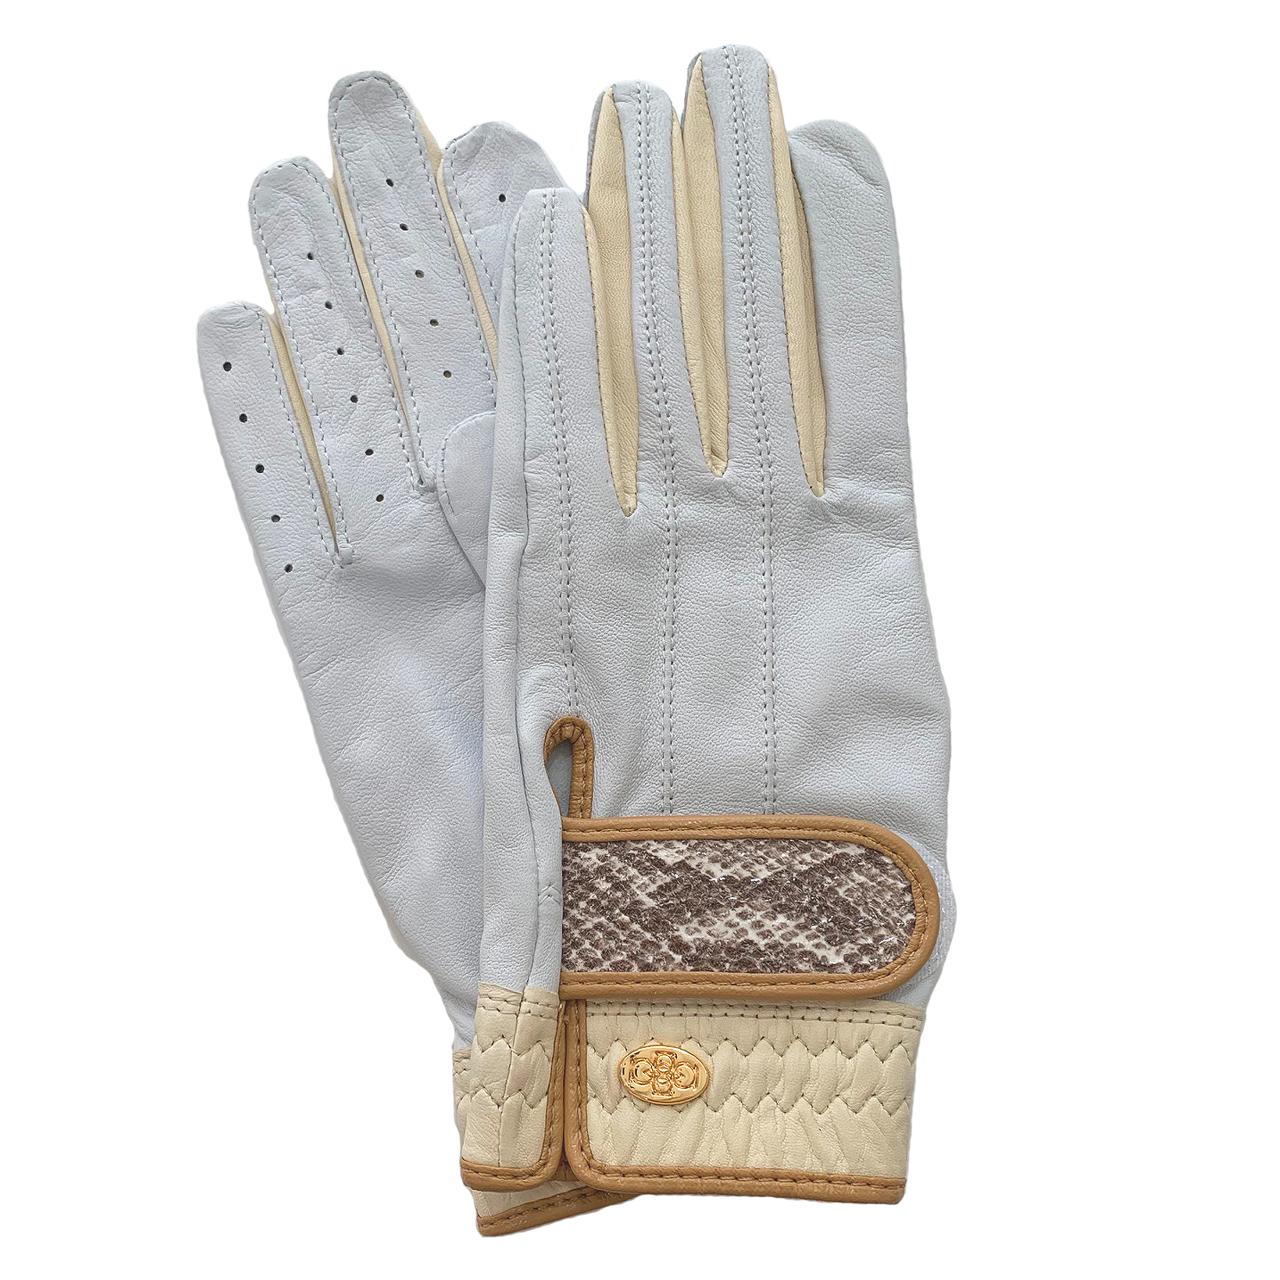 Elegant Golf Glove white-ivory-python